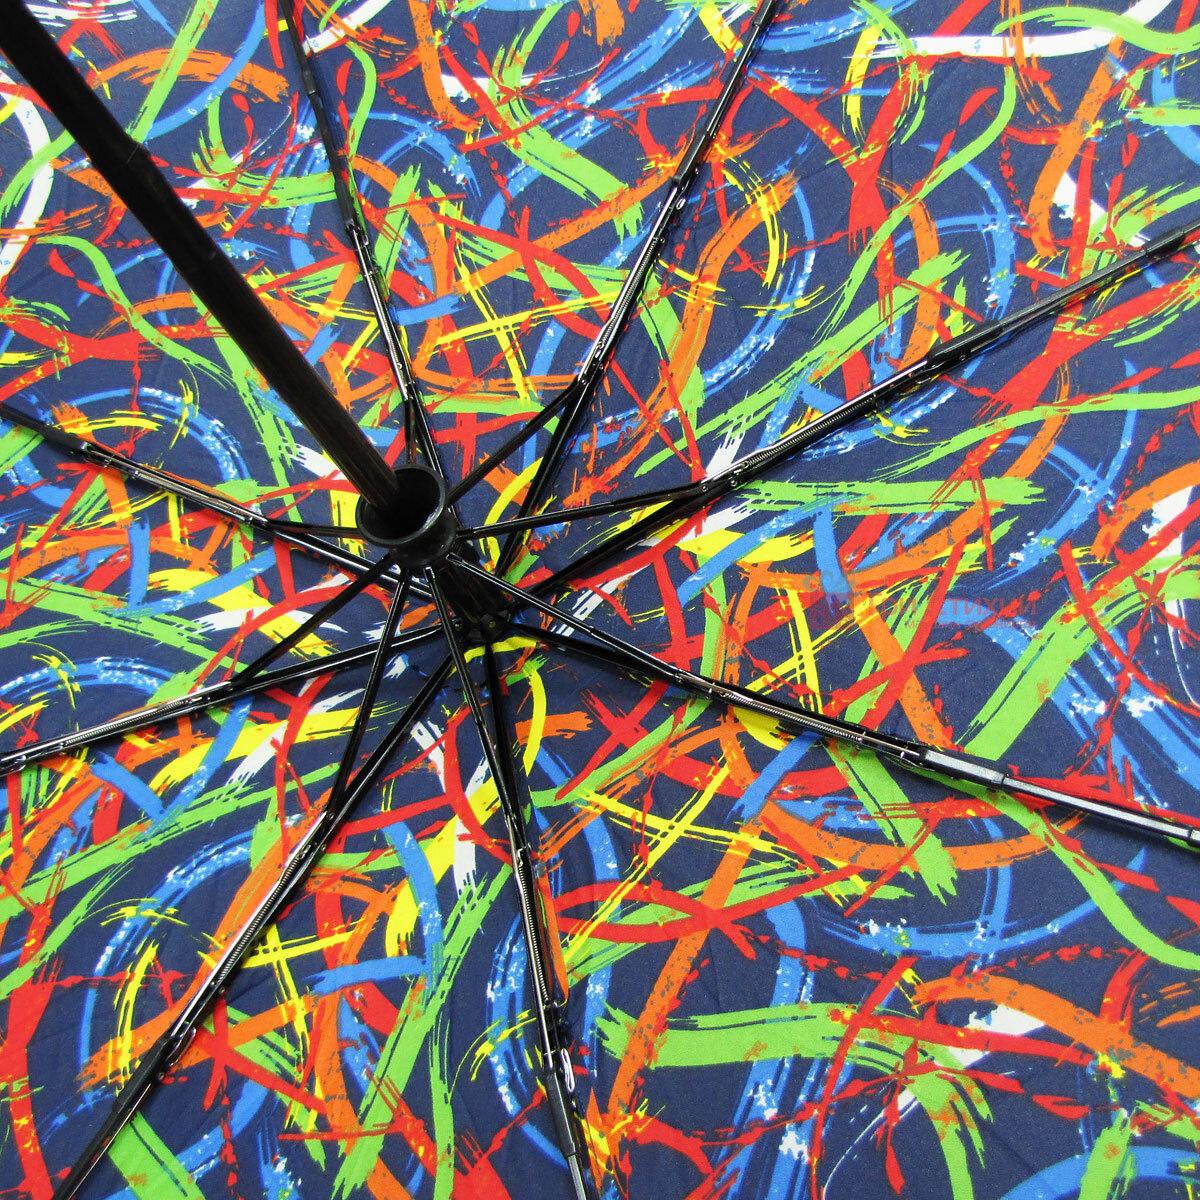 Парасолька складана Doppler 7441465E02 повний автомат Синя, Колір: Синій, фото 4